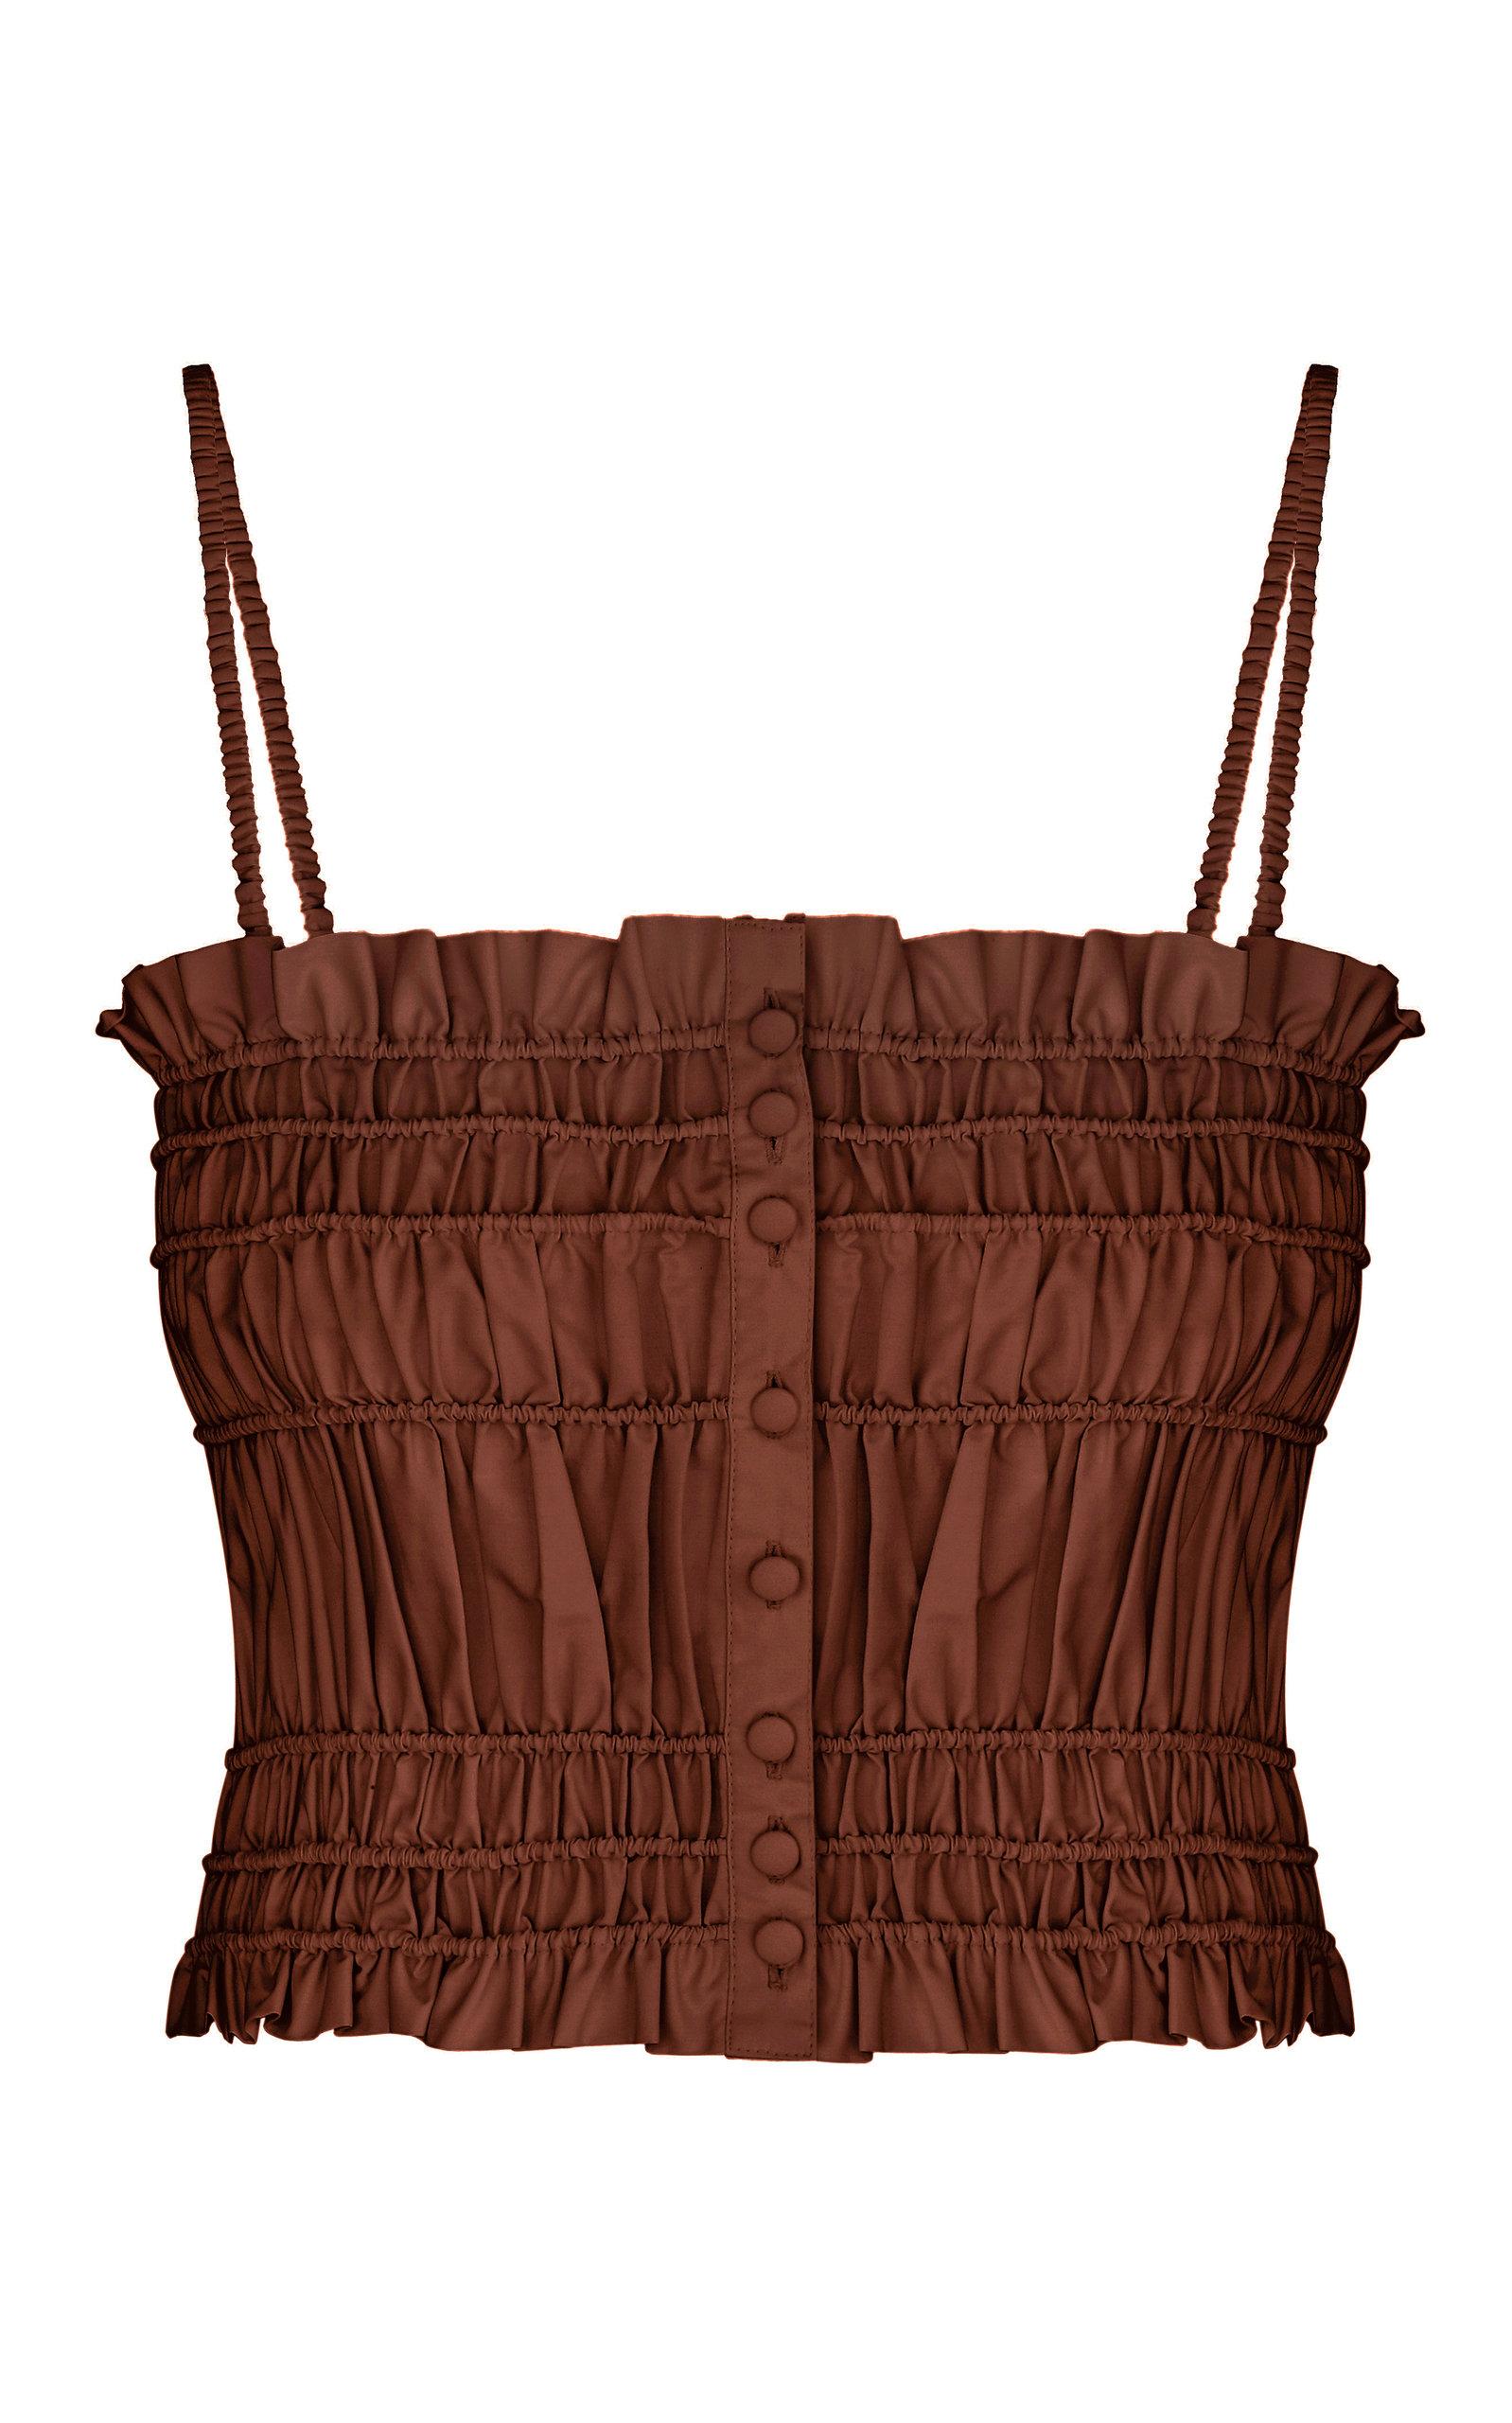 Women's Margarita Smocked Cotton Top